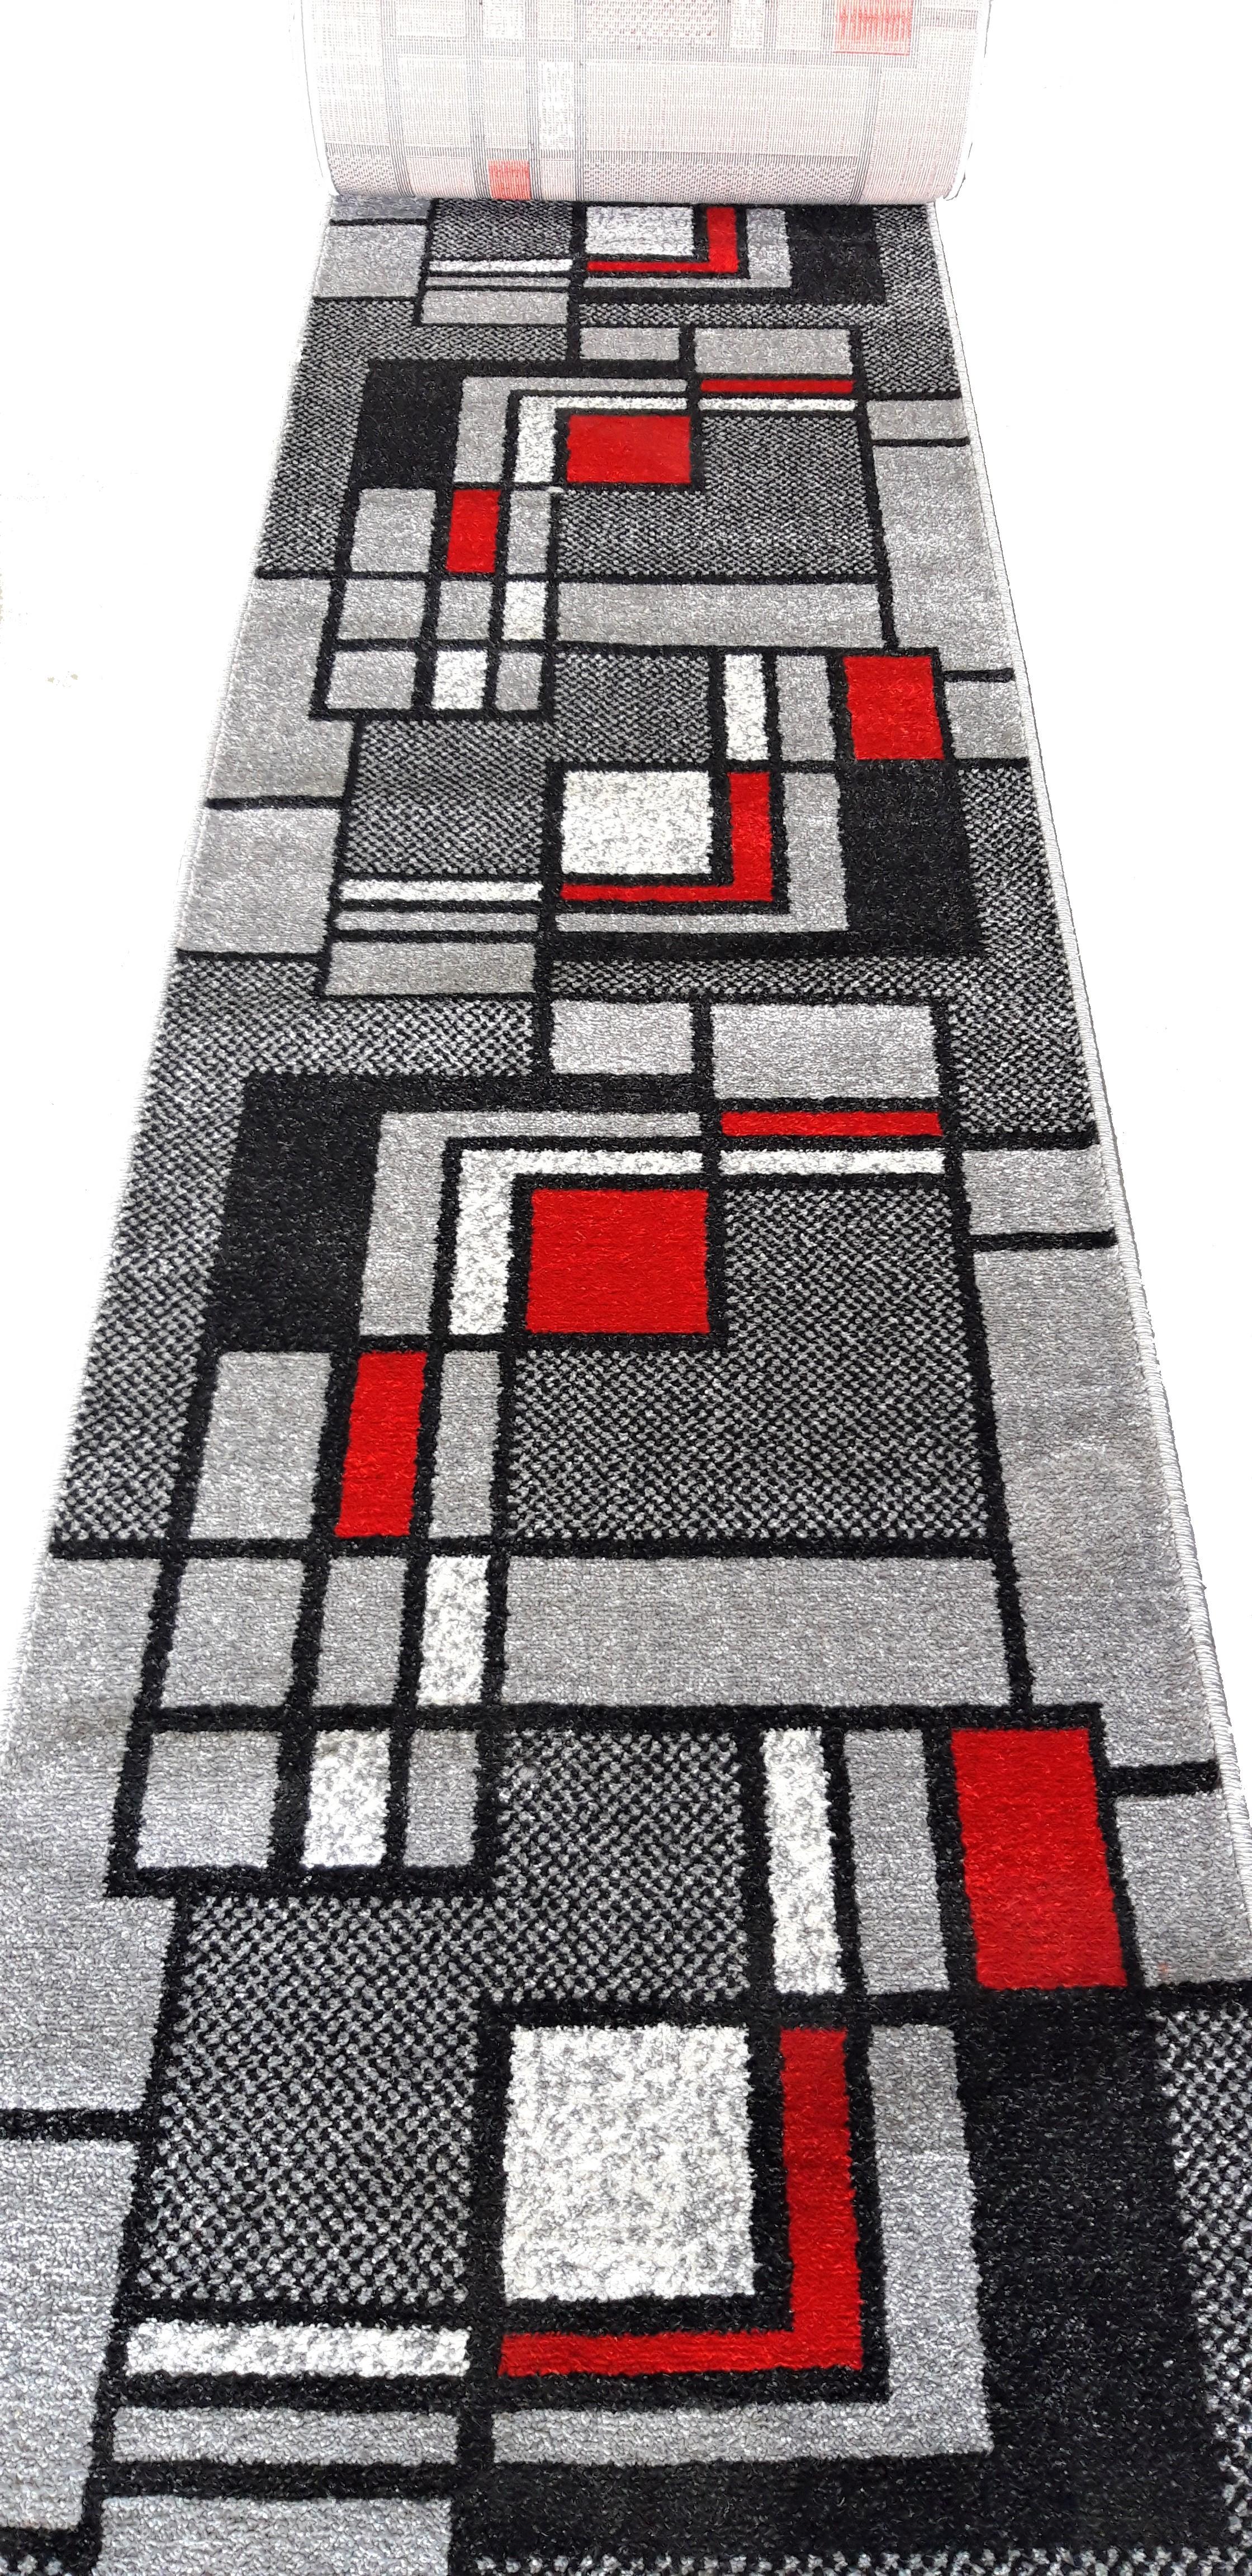 Traversa Covor, Cappuccino 16406, Multicolor, 80x600 cm, 1700 gr/mp 0